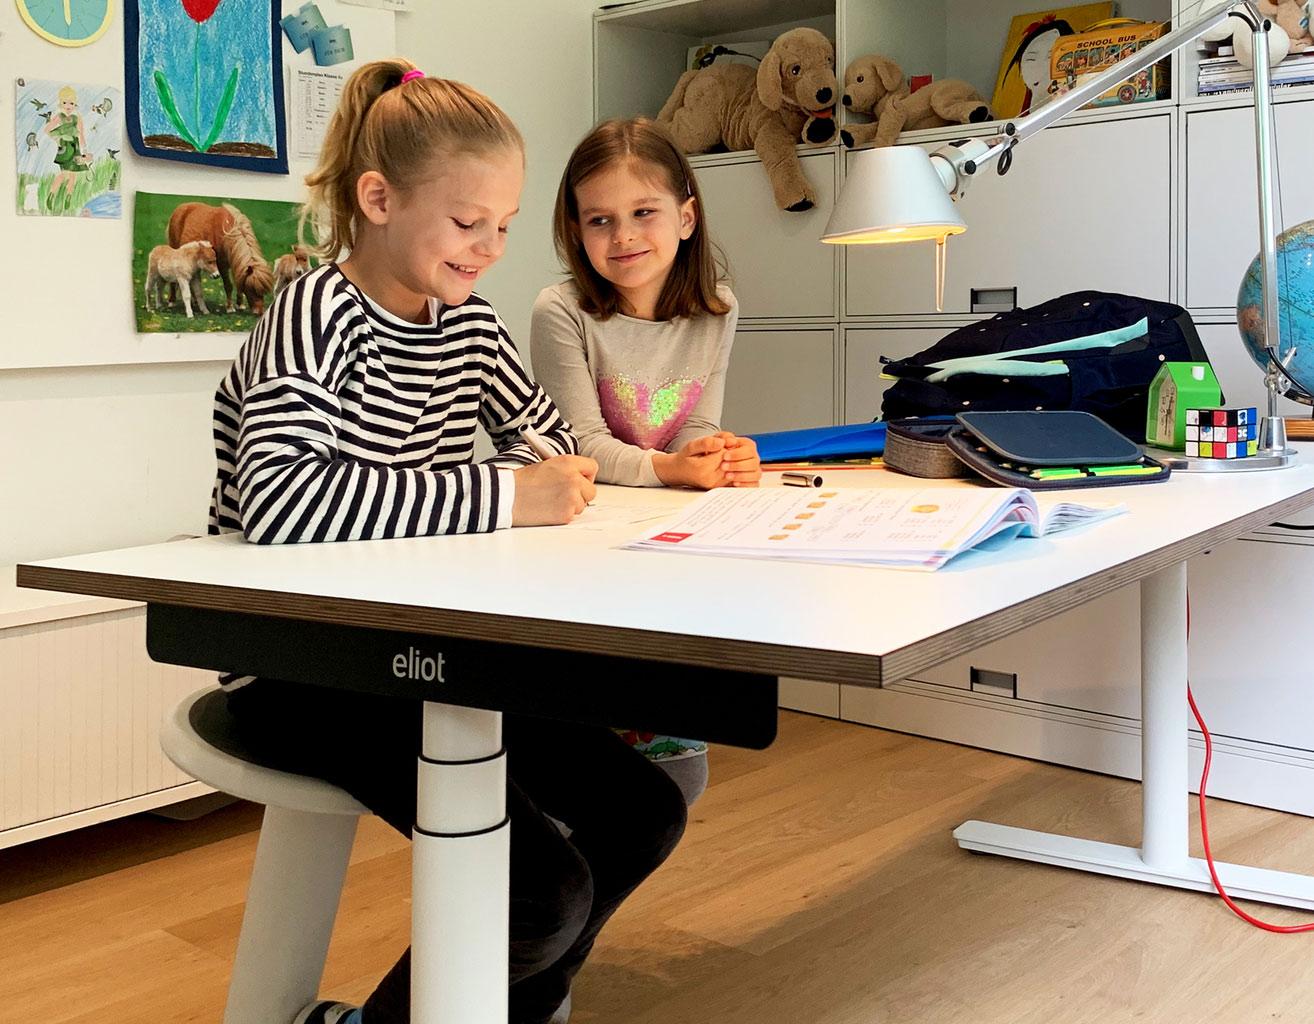 Kinder mit höhenverstellbarem Schreibtisch